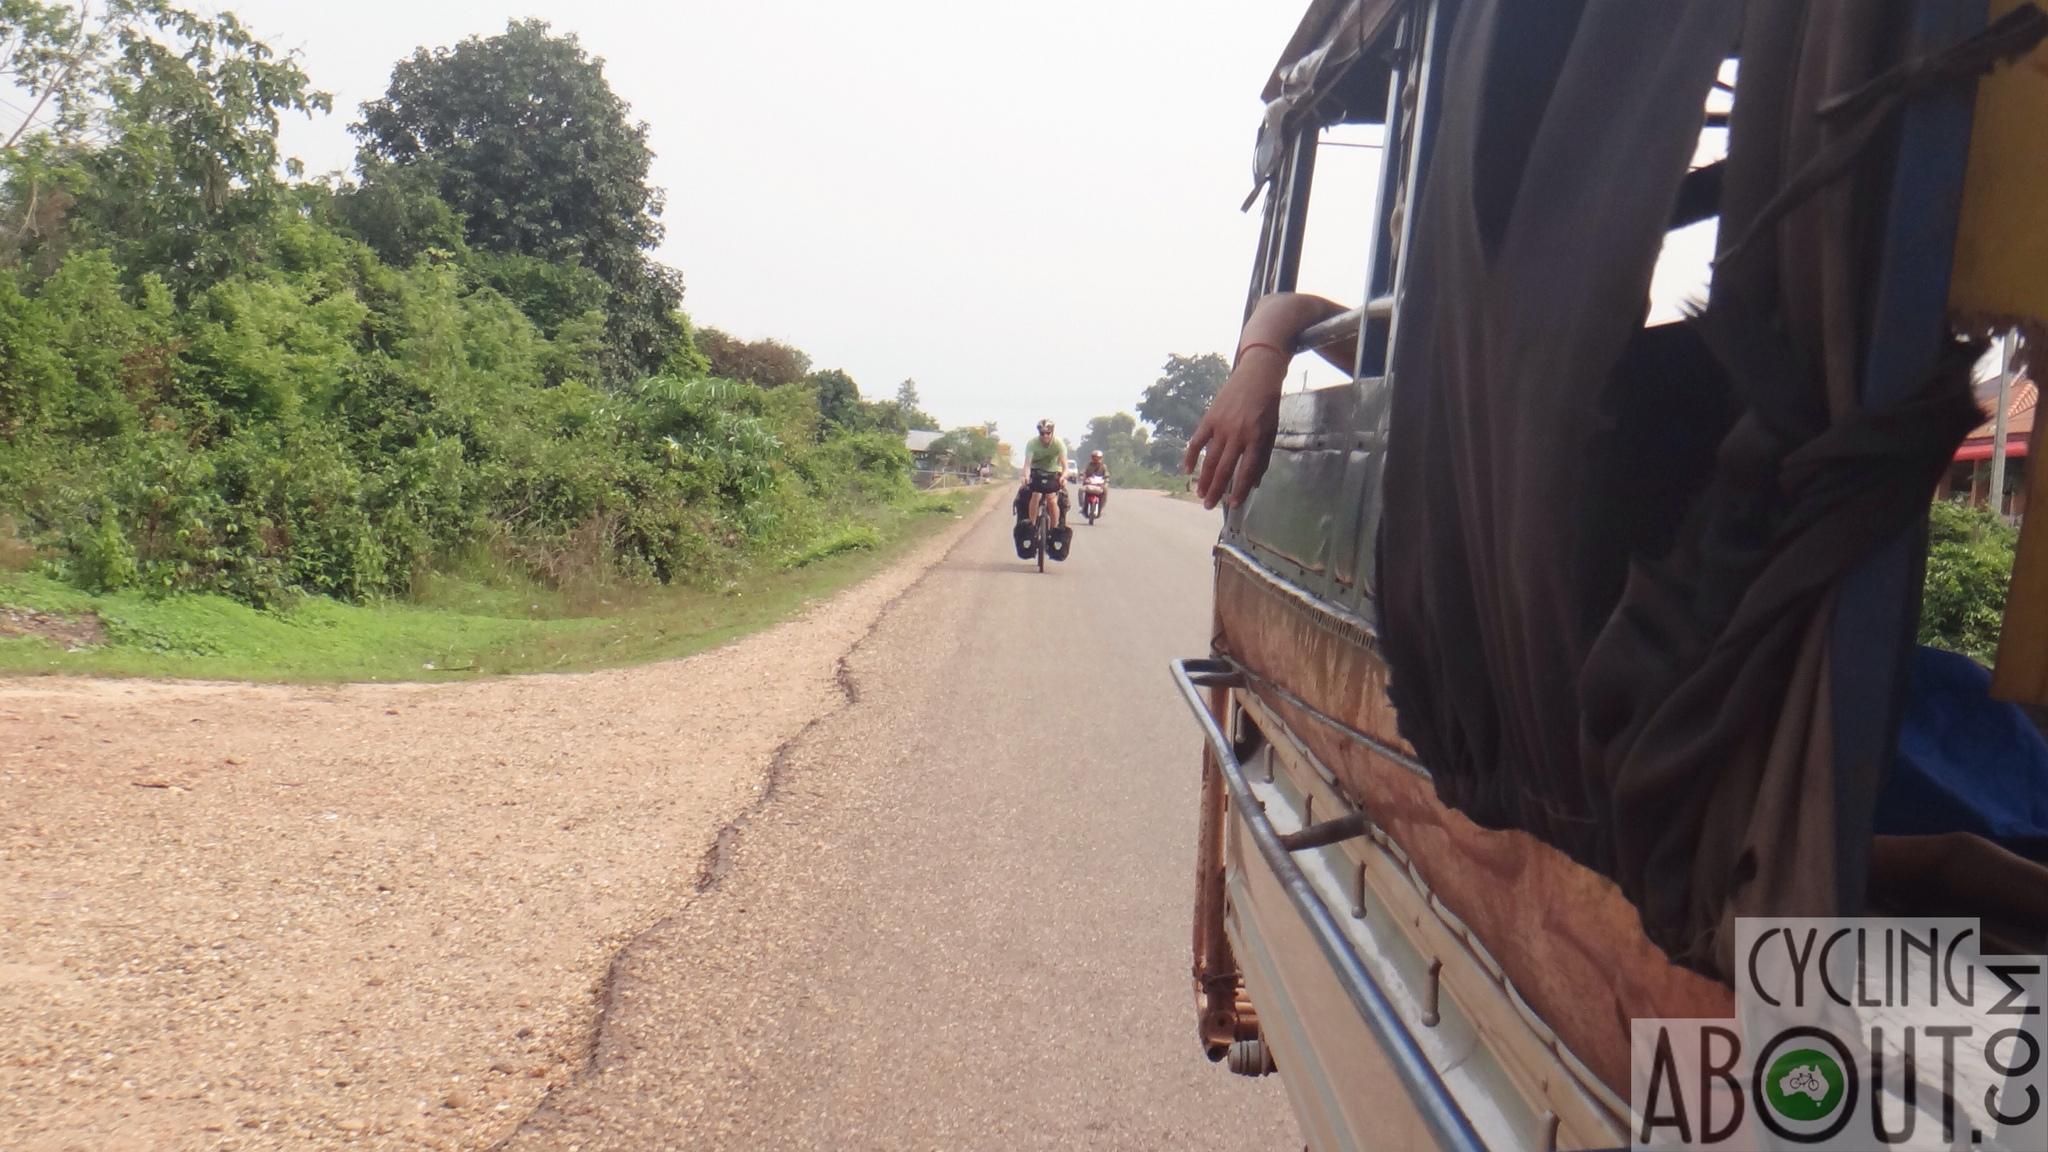 Alleykat_pedaling in Laos behind bus